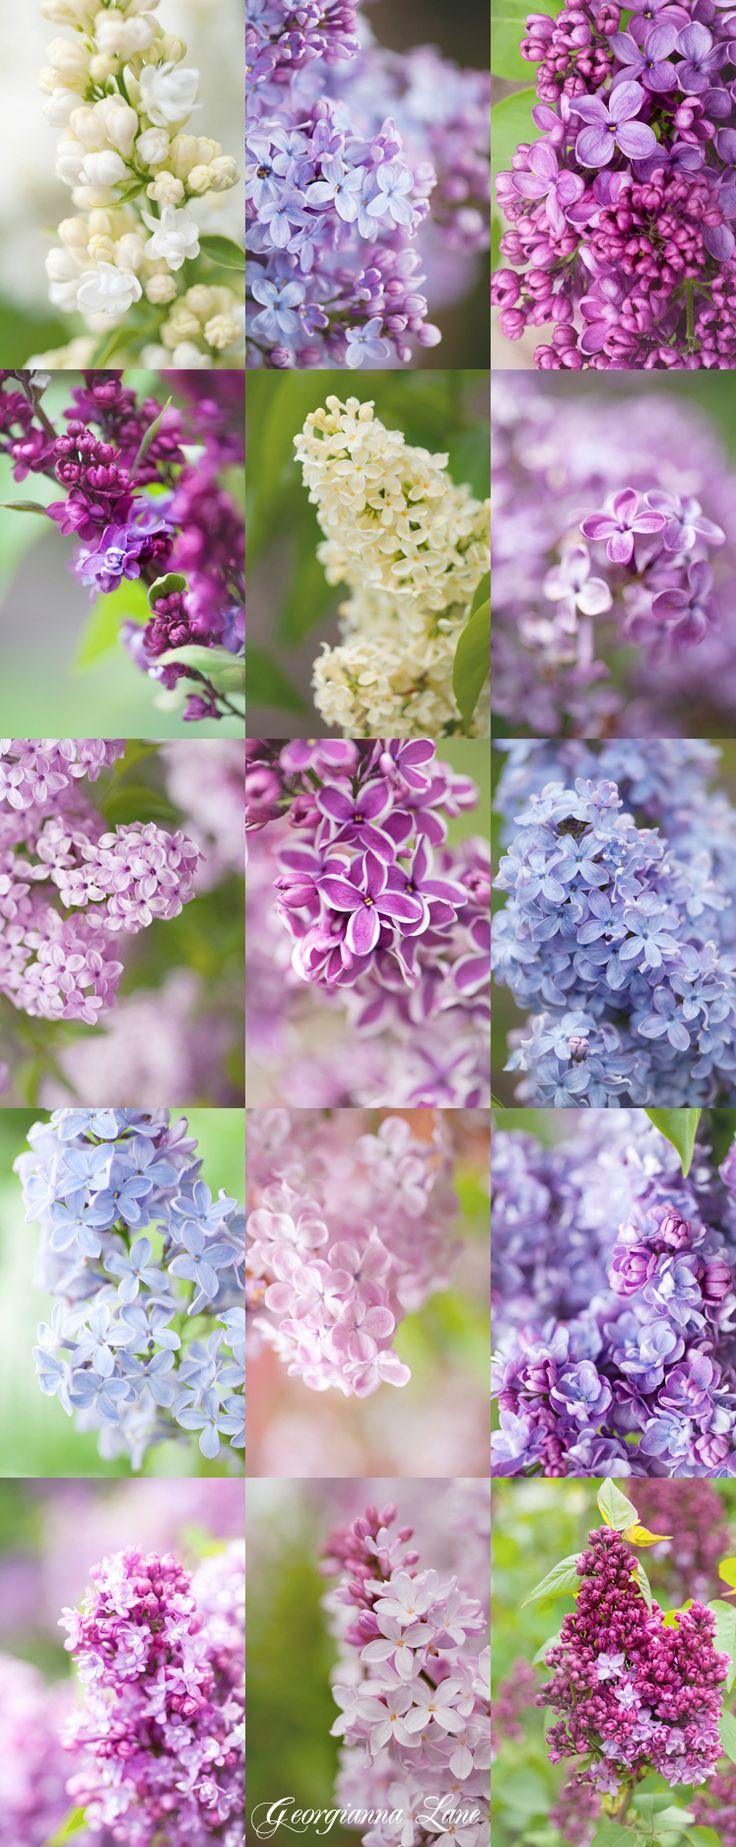 Nhiều hình dạng cây hoa tử đinh hương với nhiều màu sắc